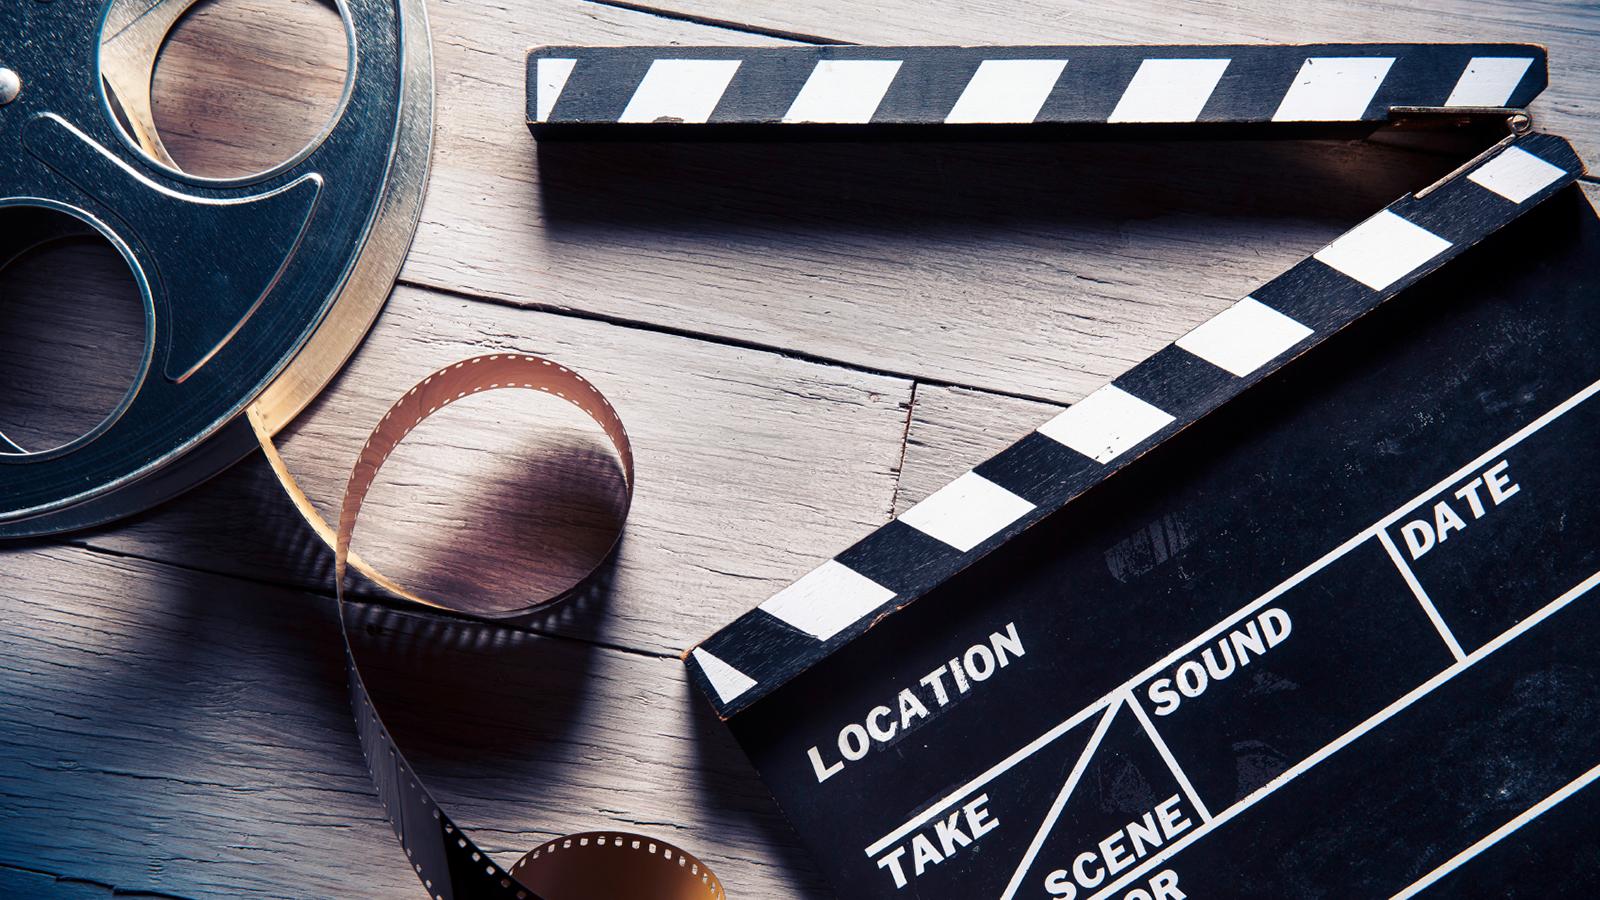 Photo of Где искать хорошее кино? как выбрать хороший фильм Где искать хорошее кино? 79 0 2 1